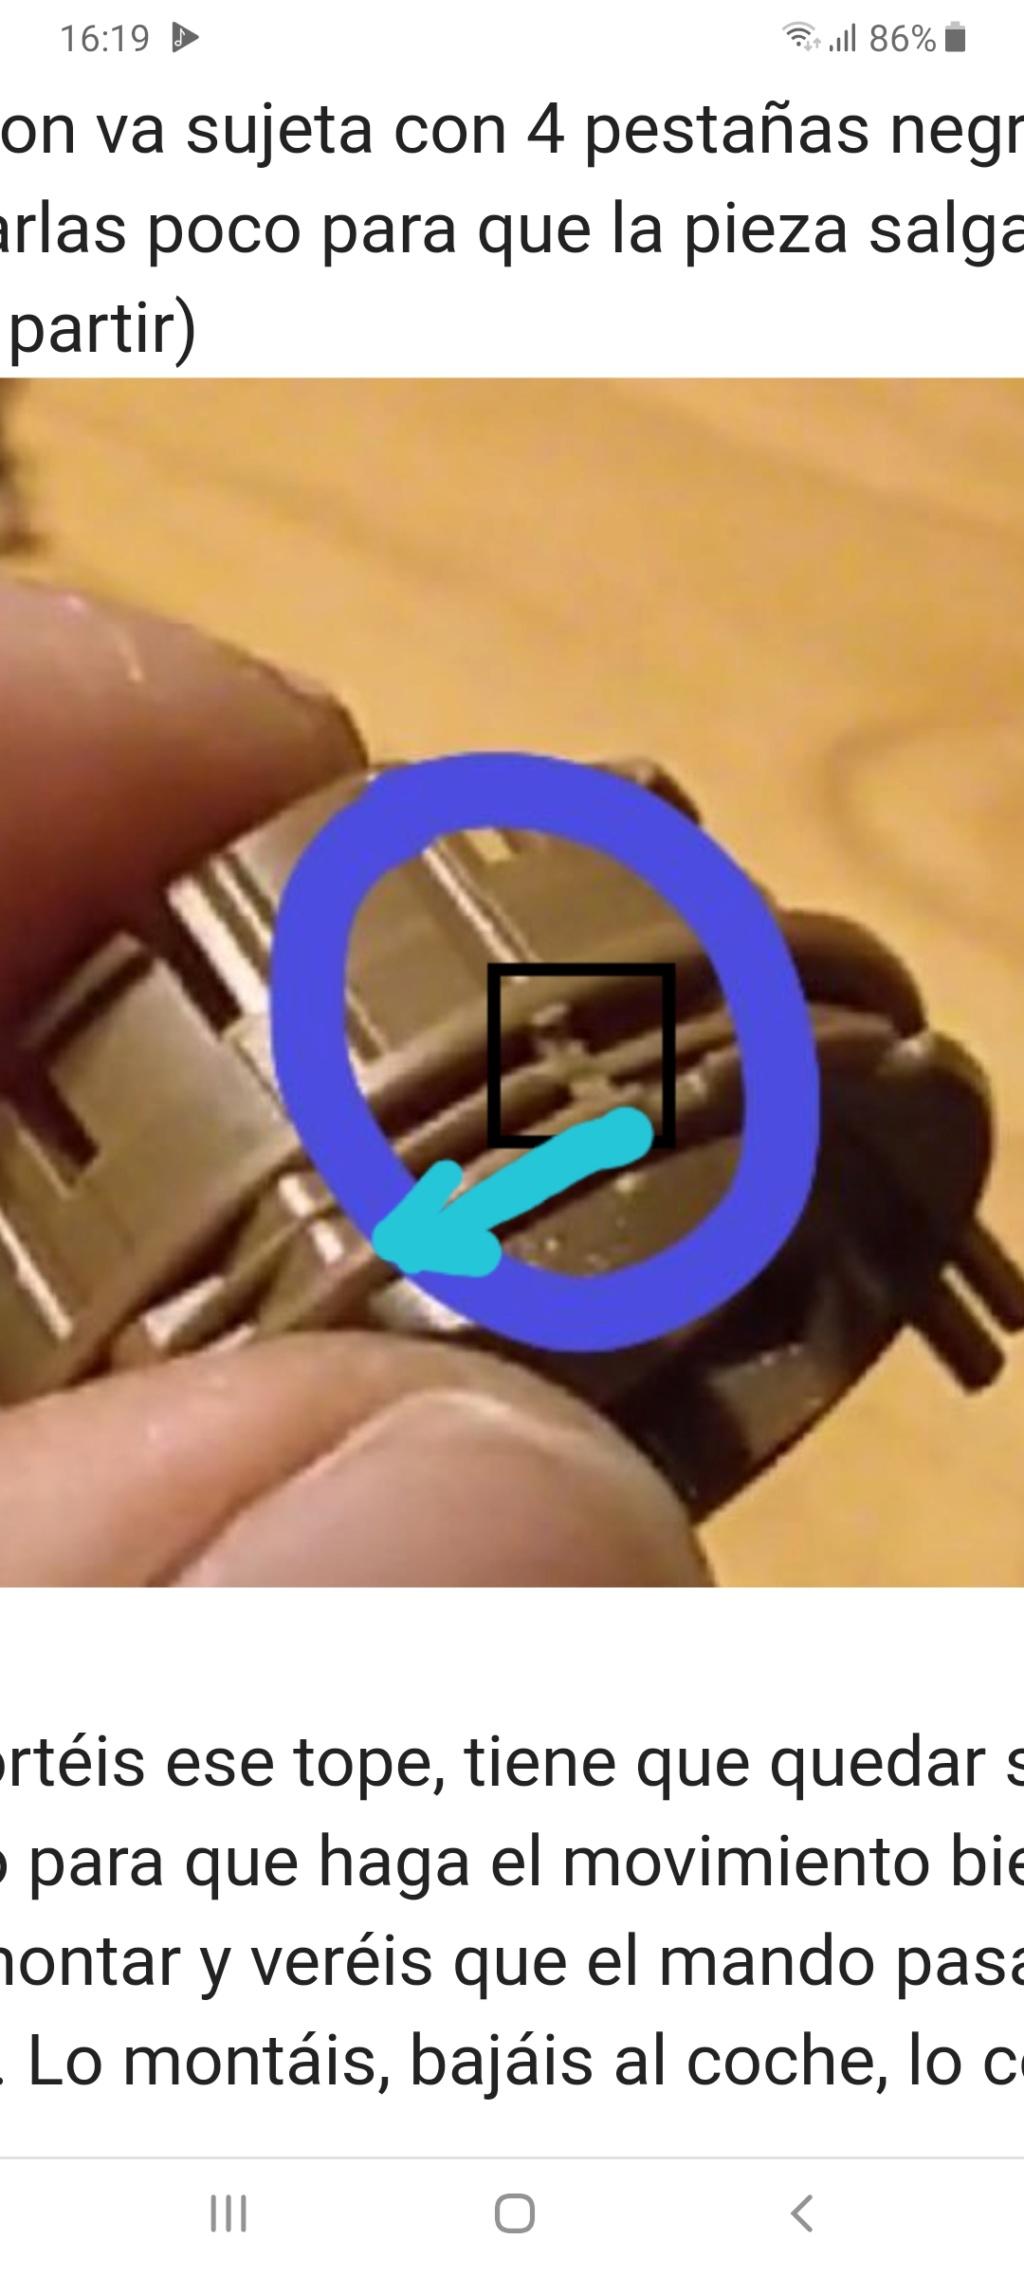 [Brico/Como] Desactivar Luces Automaticas - Página 2 20200418